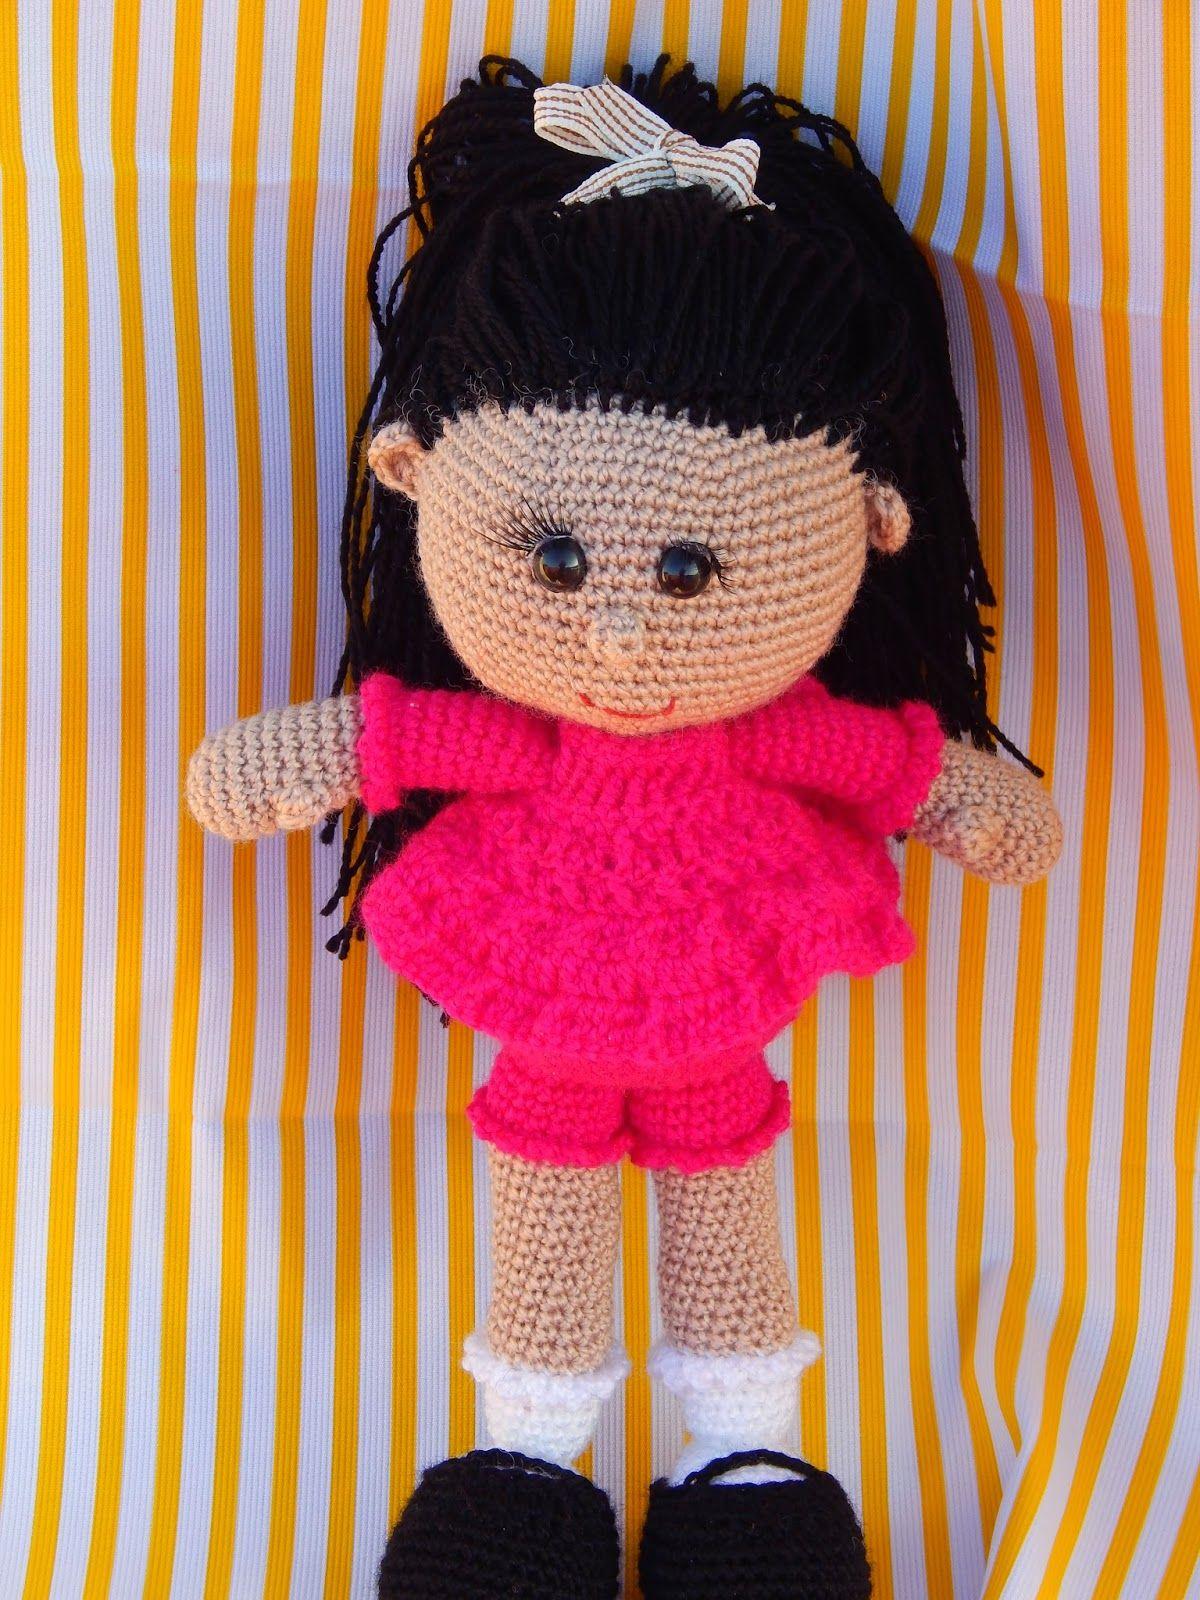 Muñeca Candy Doll Amigurumi - Patrón Gratis en Español más fotos ...